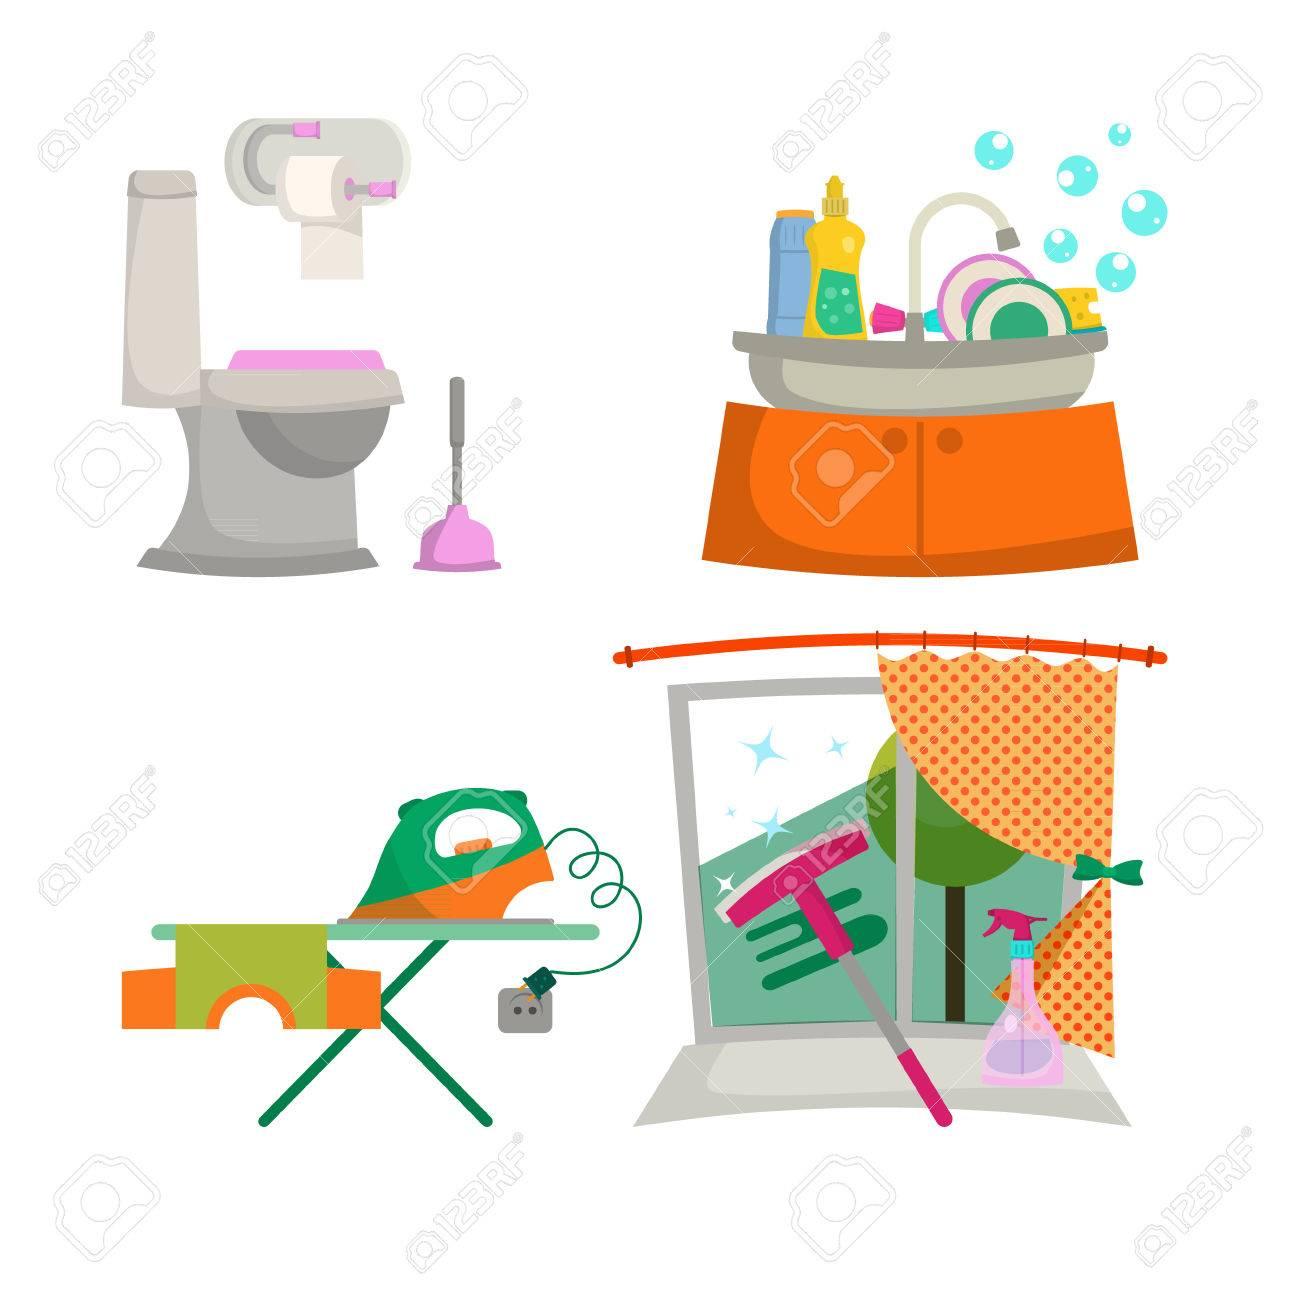 La Limpieza De La Casa. Debido A Nuestra Poca Aficin A La Limpieza ...